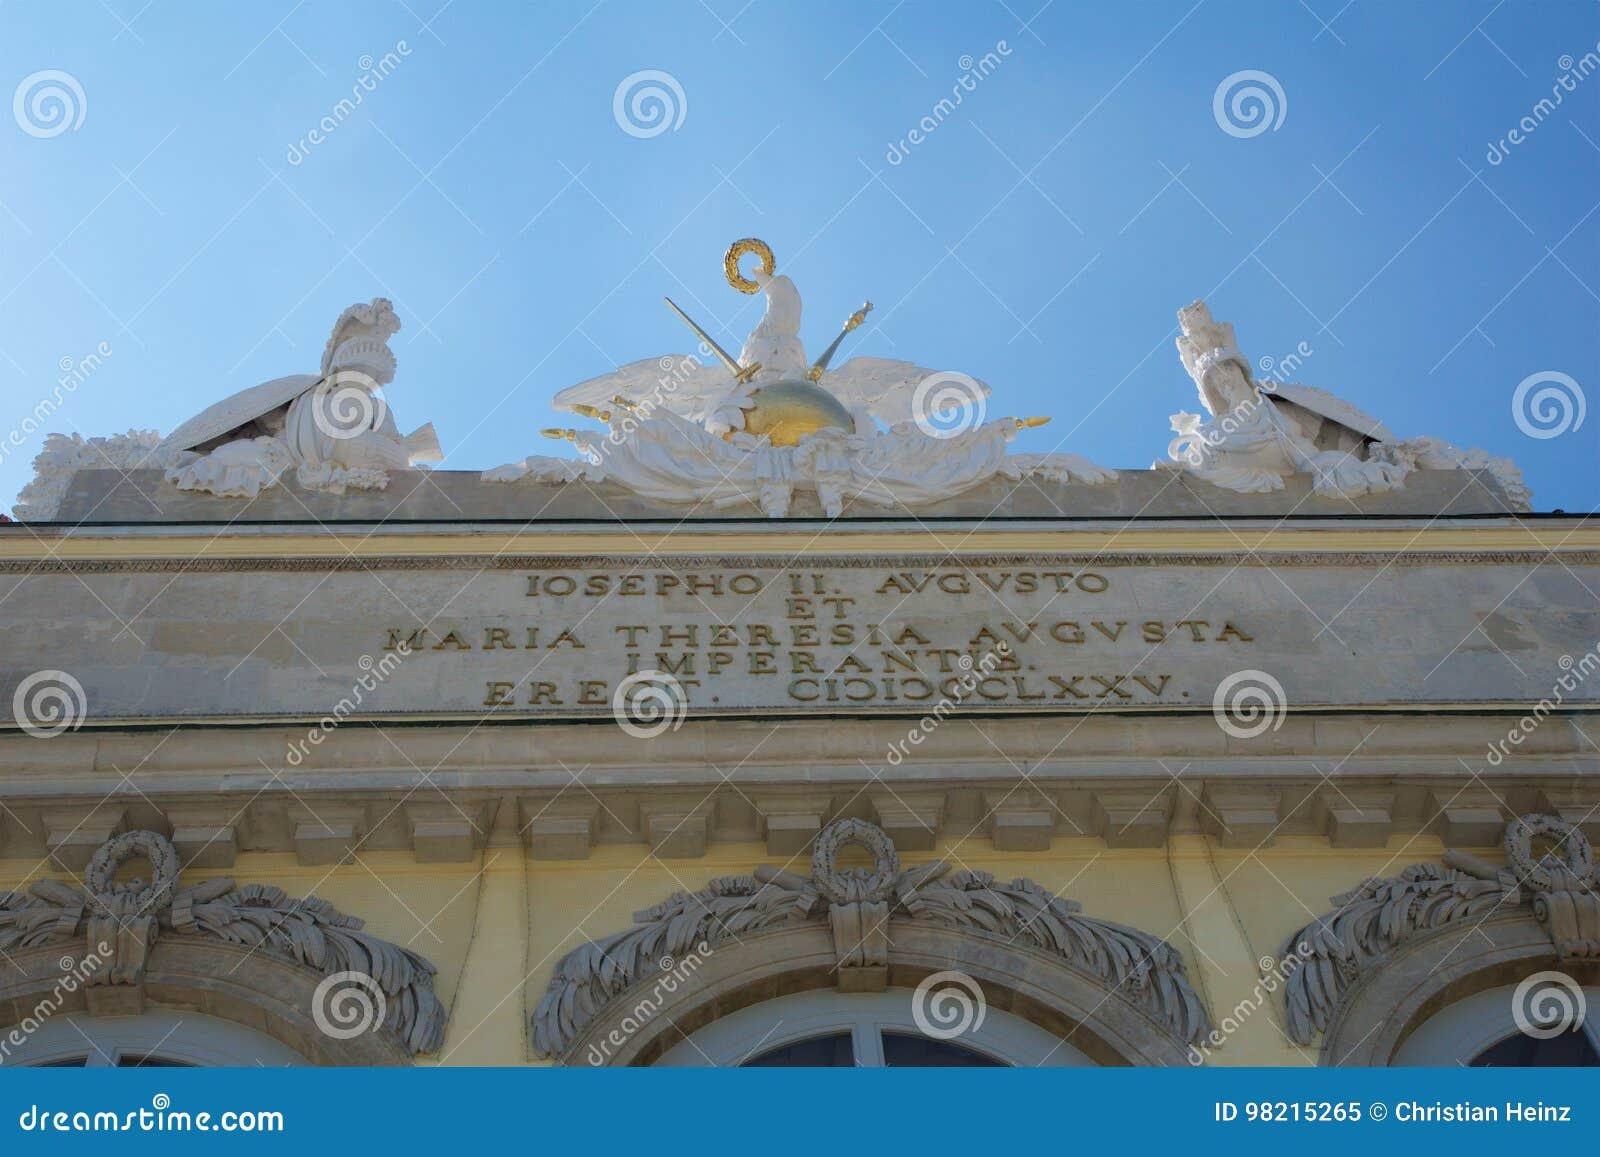 WENEN, OOSTENRIJK - 30 APRIL, 2017: Standbeeld van beschermers in Gloriette in Schonbrunn-paleis in Wenen, Oostenrijk Ingebouwd